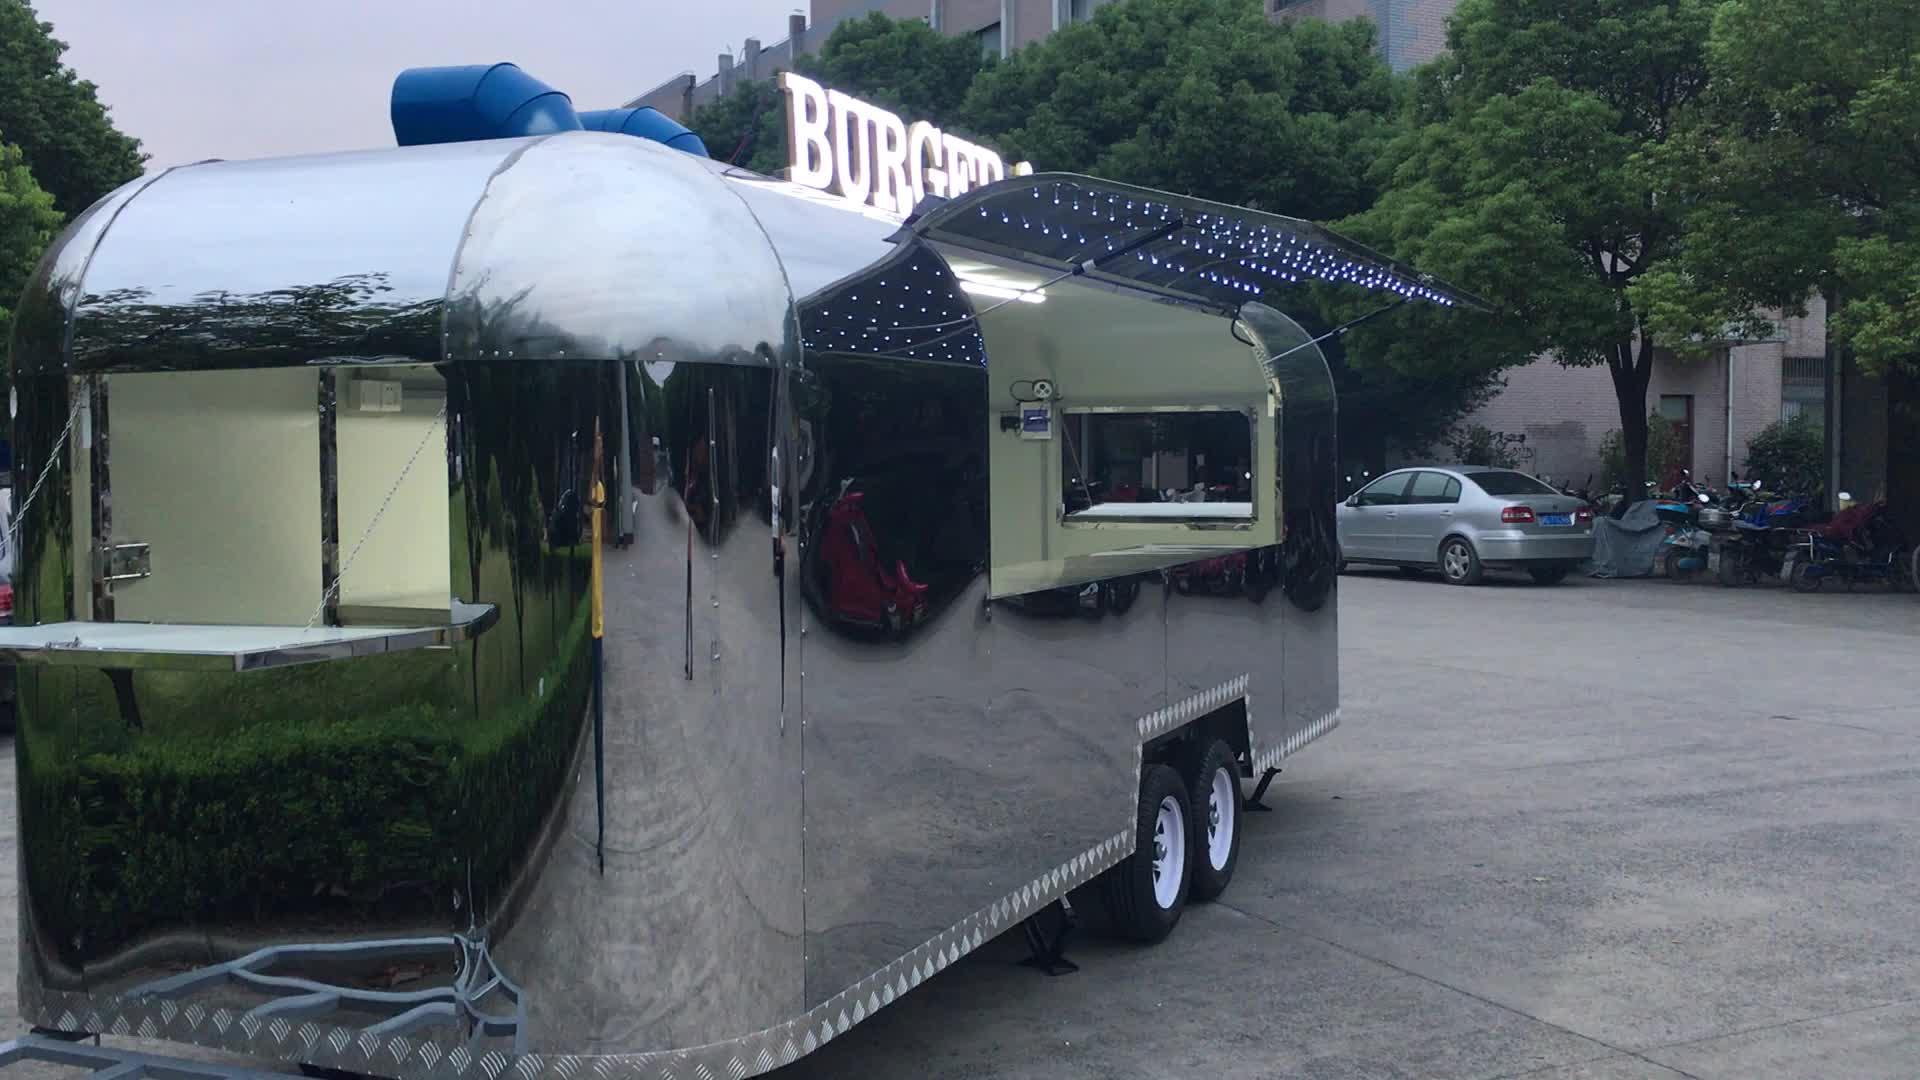 अमेरिकी मानक Airstream खाद्य ट्रक मोबाइल भोजन गाड़ी के साथ बिक्री के लिए रसोई